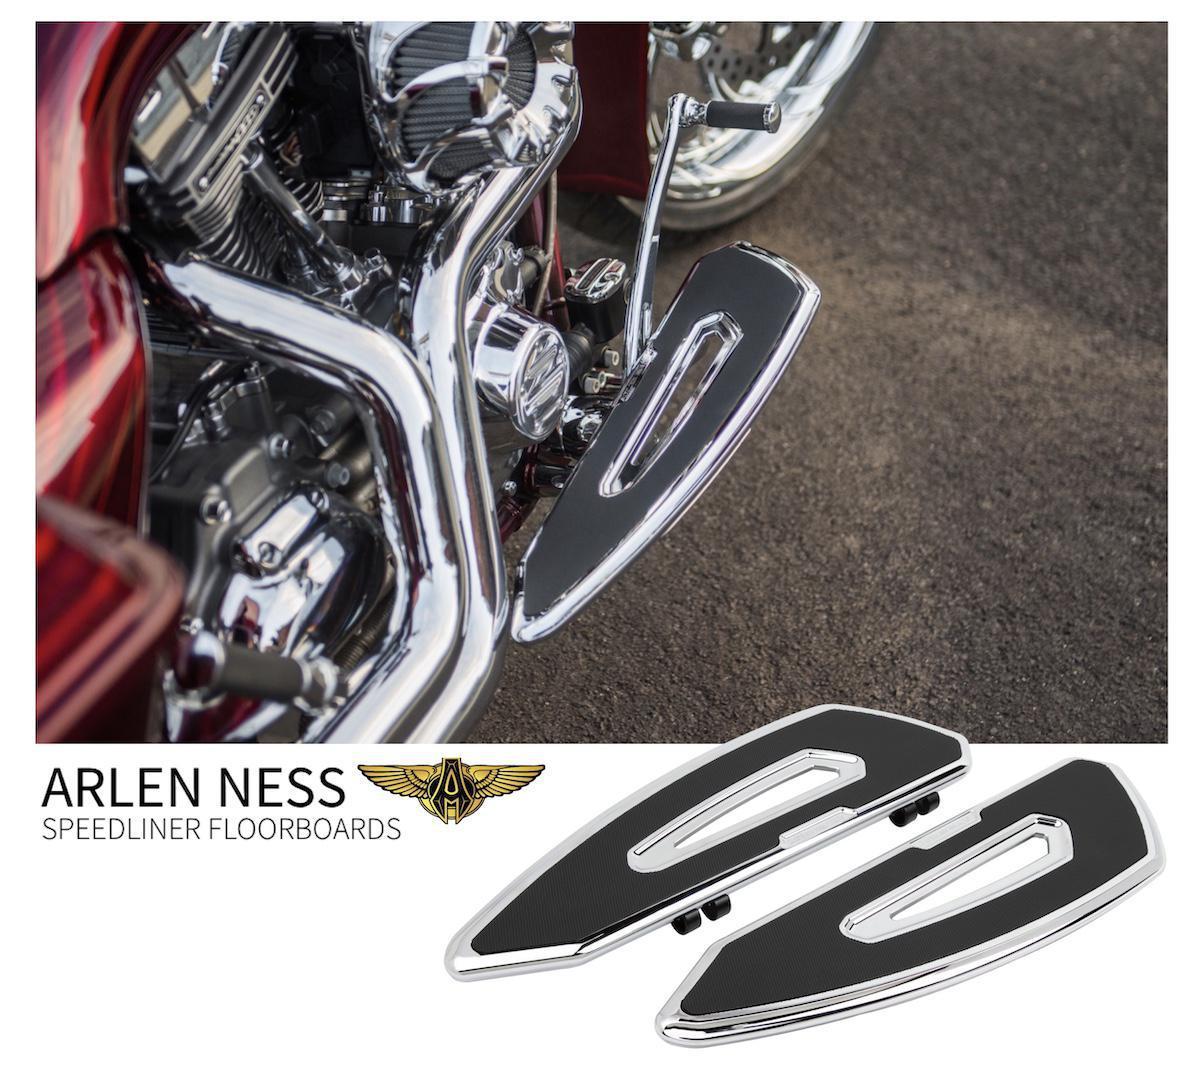 ARLEN NESS - Speedliner Floorboards